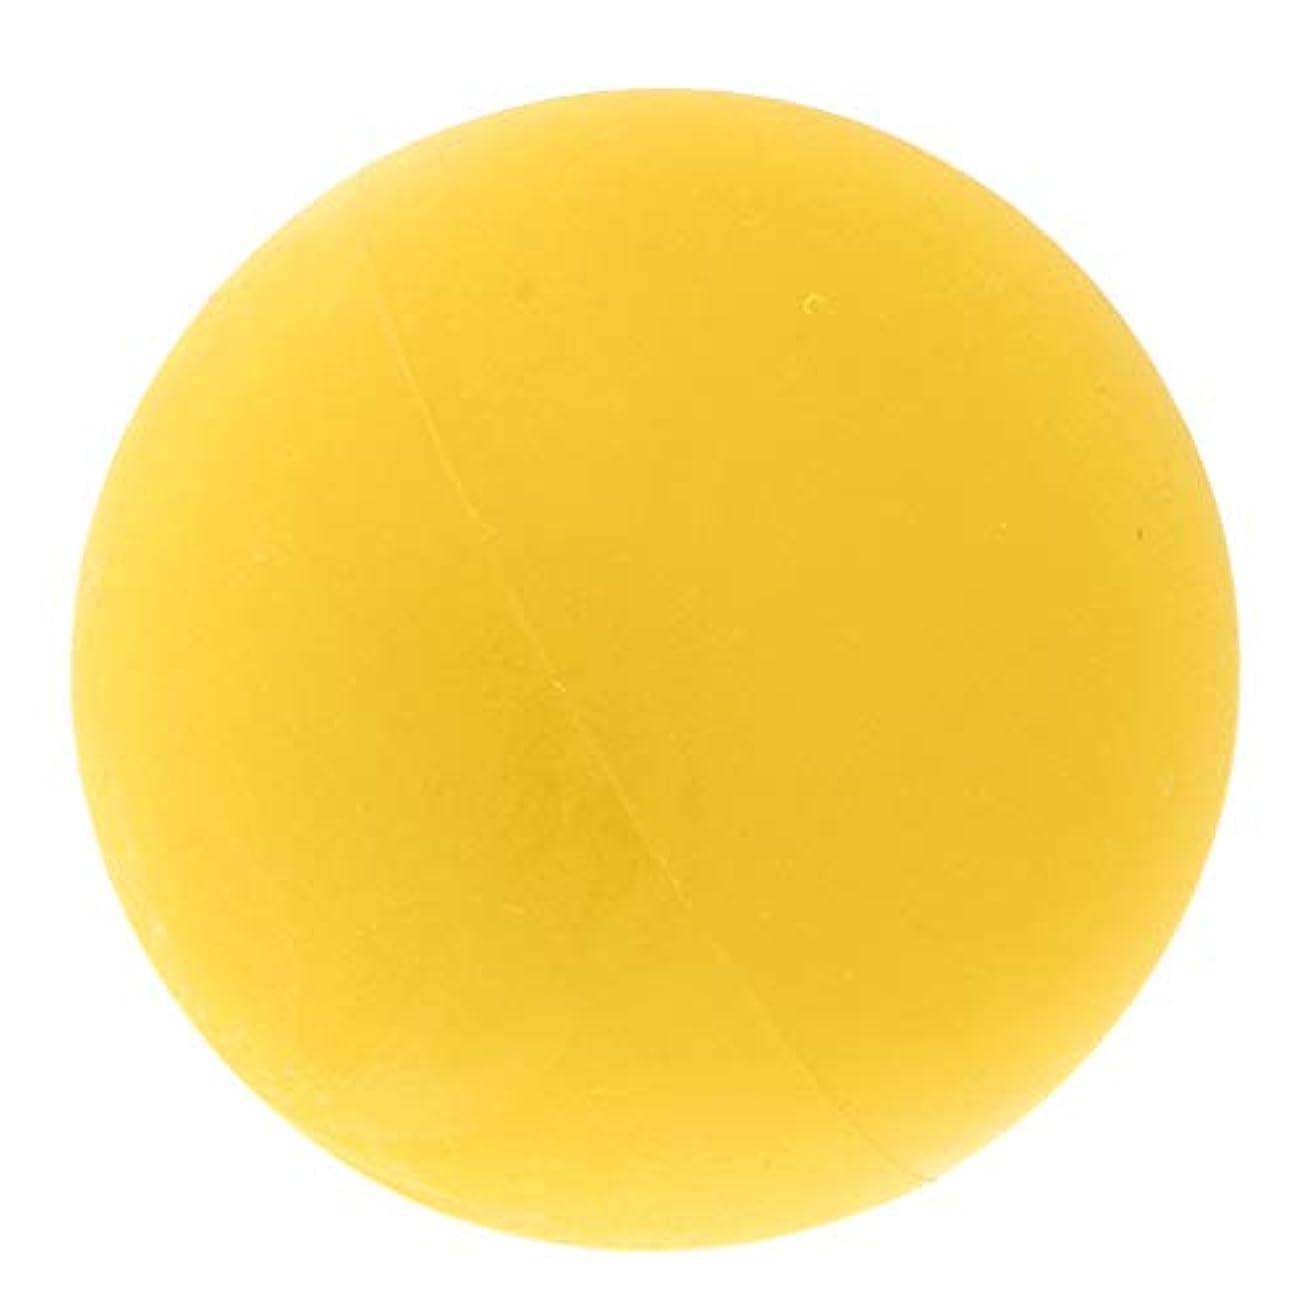 管理者同化弾薬マッサージボール トリガーポイント 筋膜リリース トレーニング ヨガ ツボ押しグッズ 全4色 - 黄